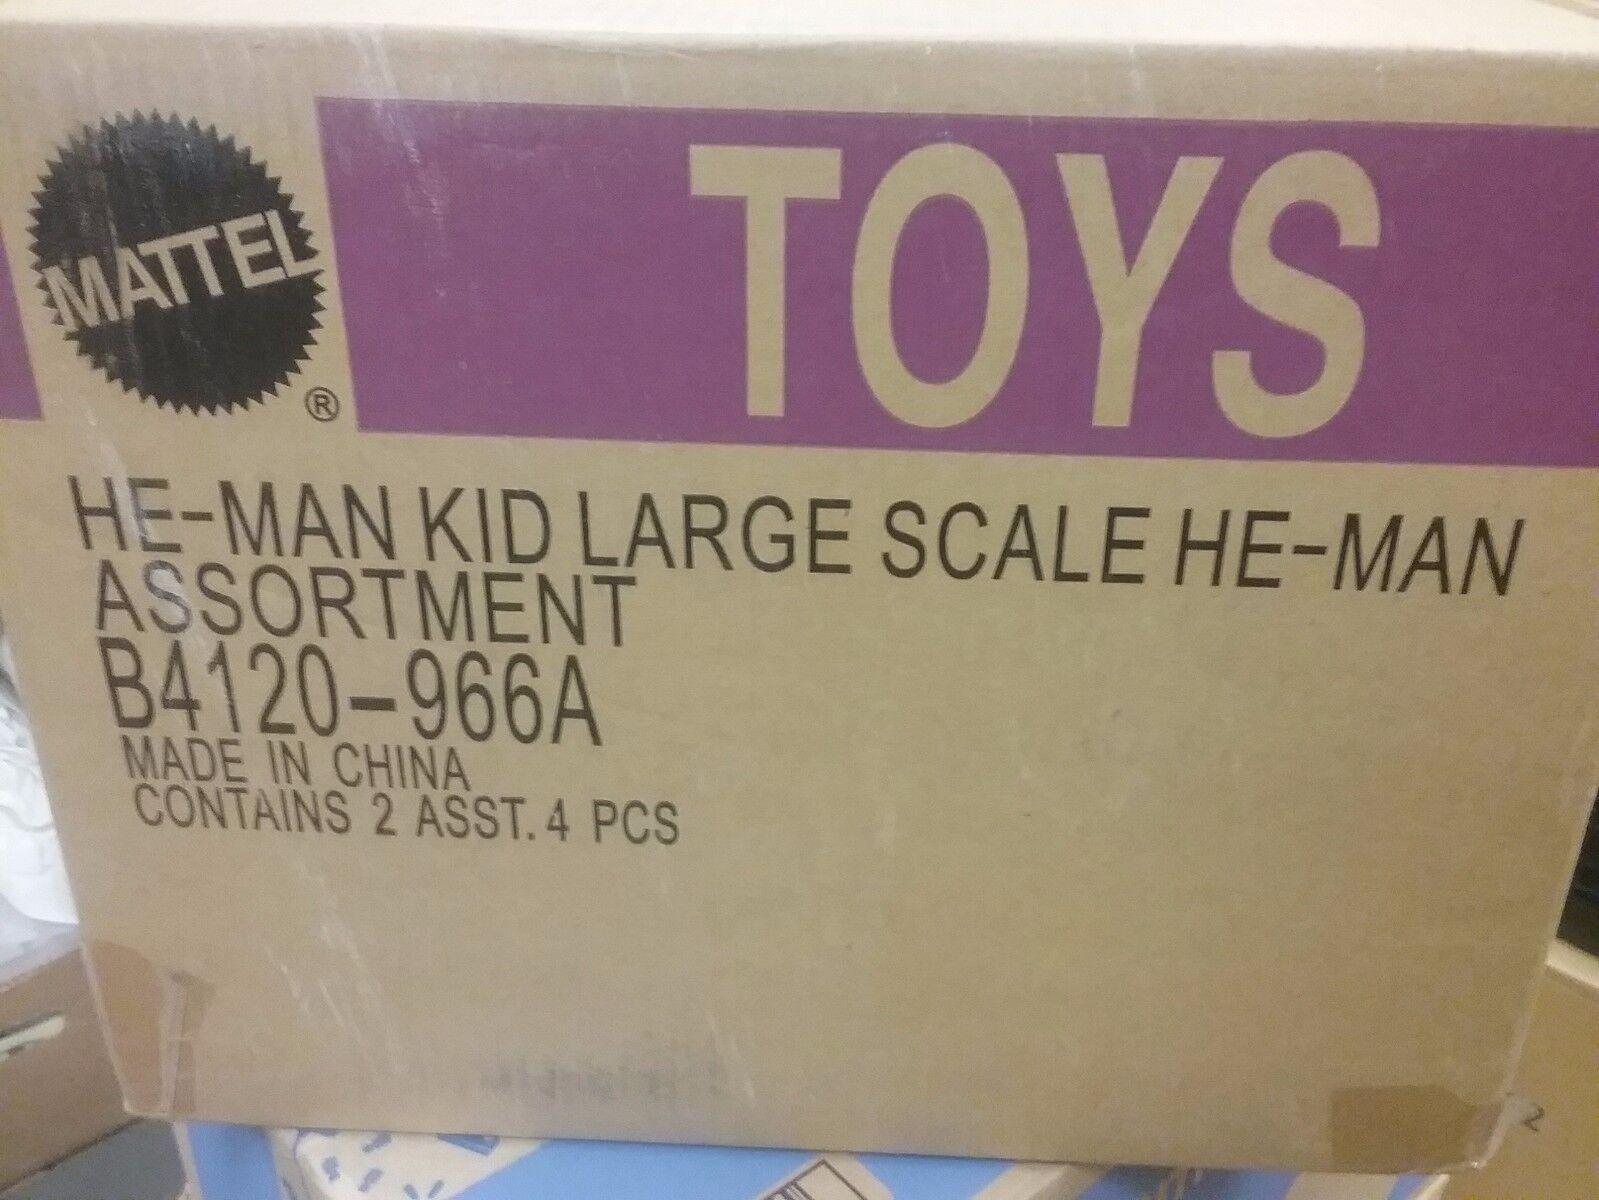 Mattel Amos del Universo 20XX rojoO figuras de gran escala Heman Skeletor caso Nuevo Envío Gratis EE. UU.